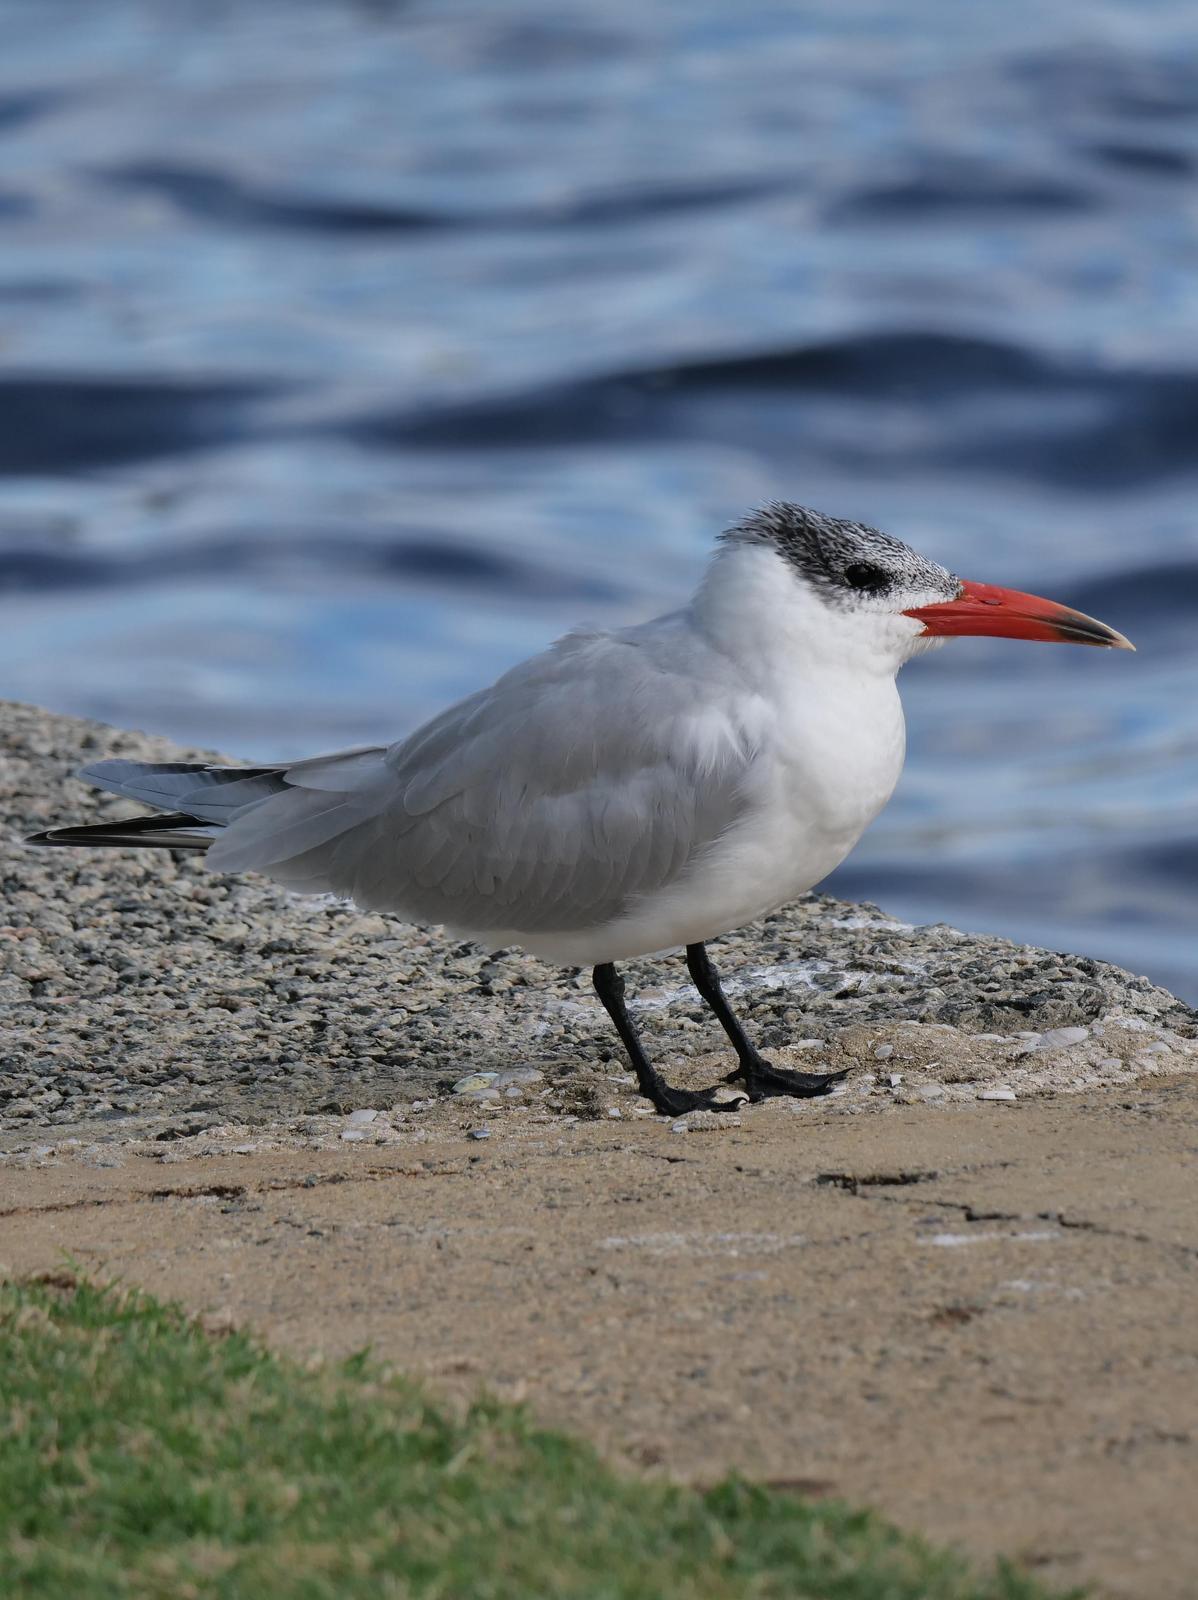 Caspian Tern Photo by Peter Lowe